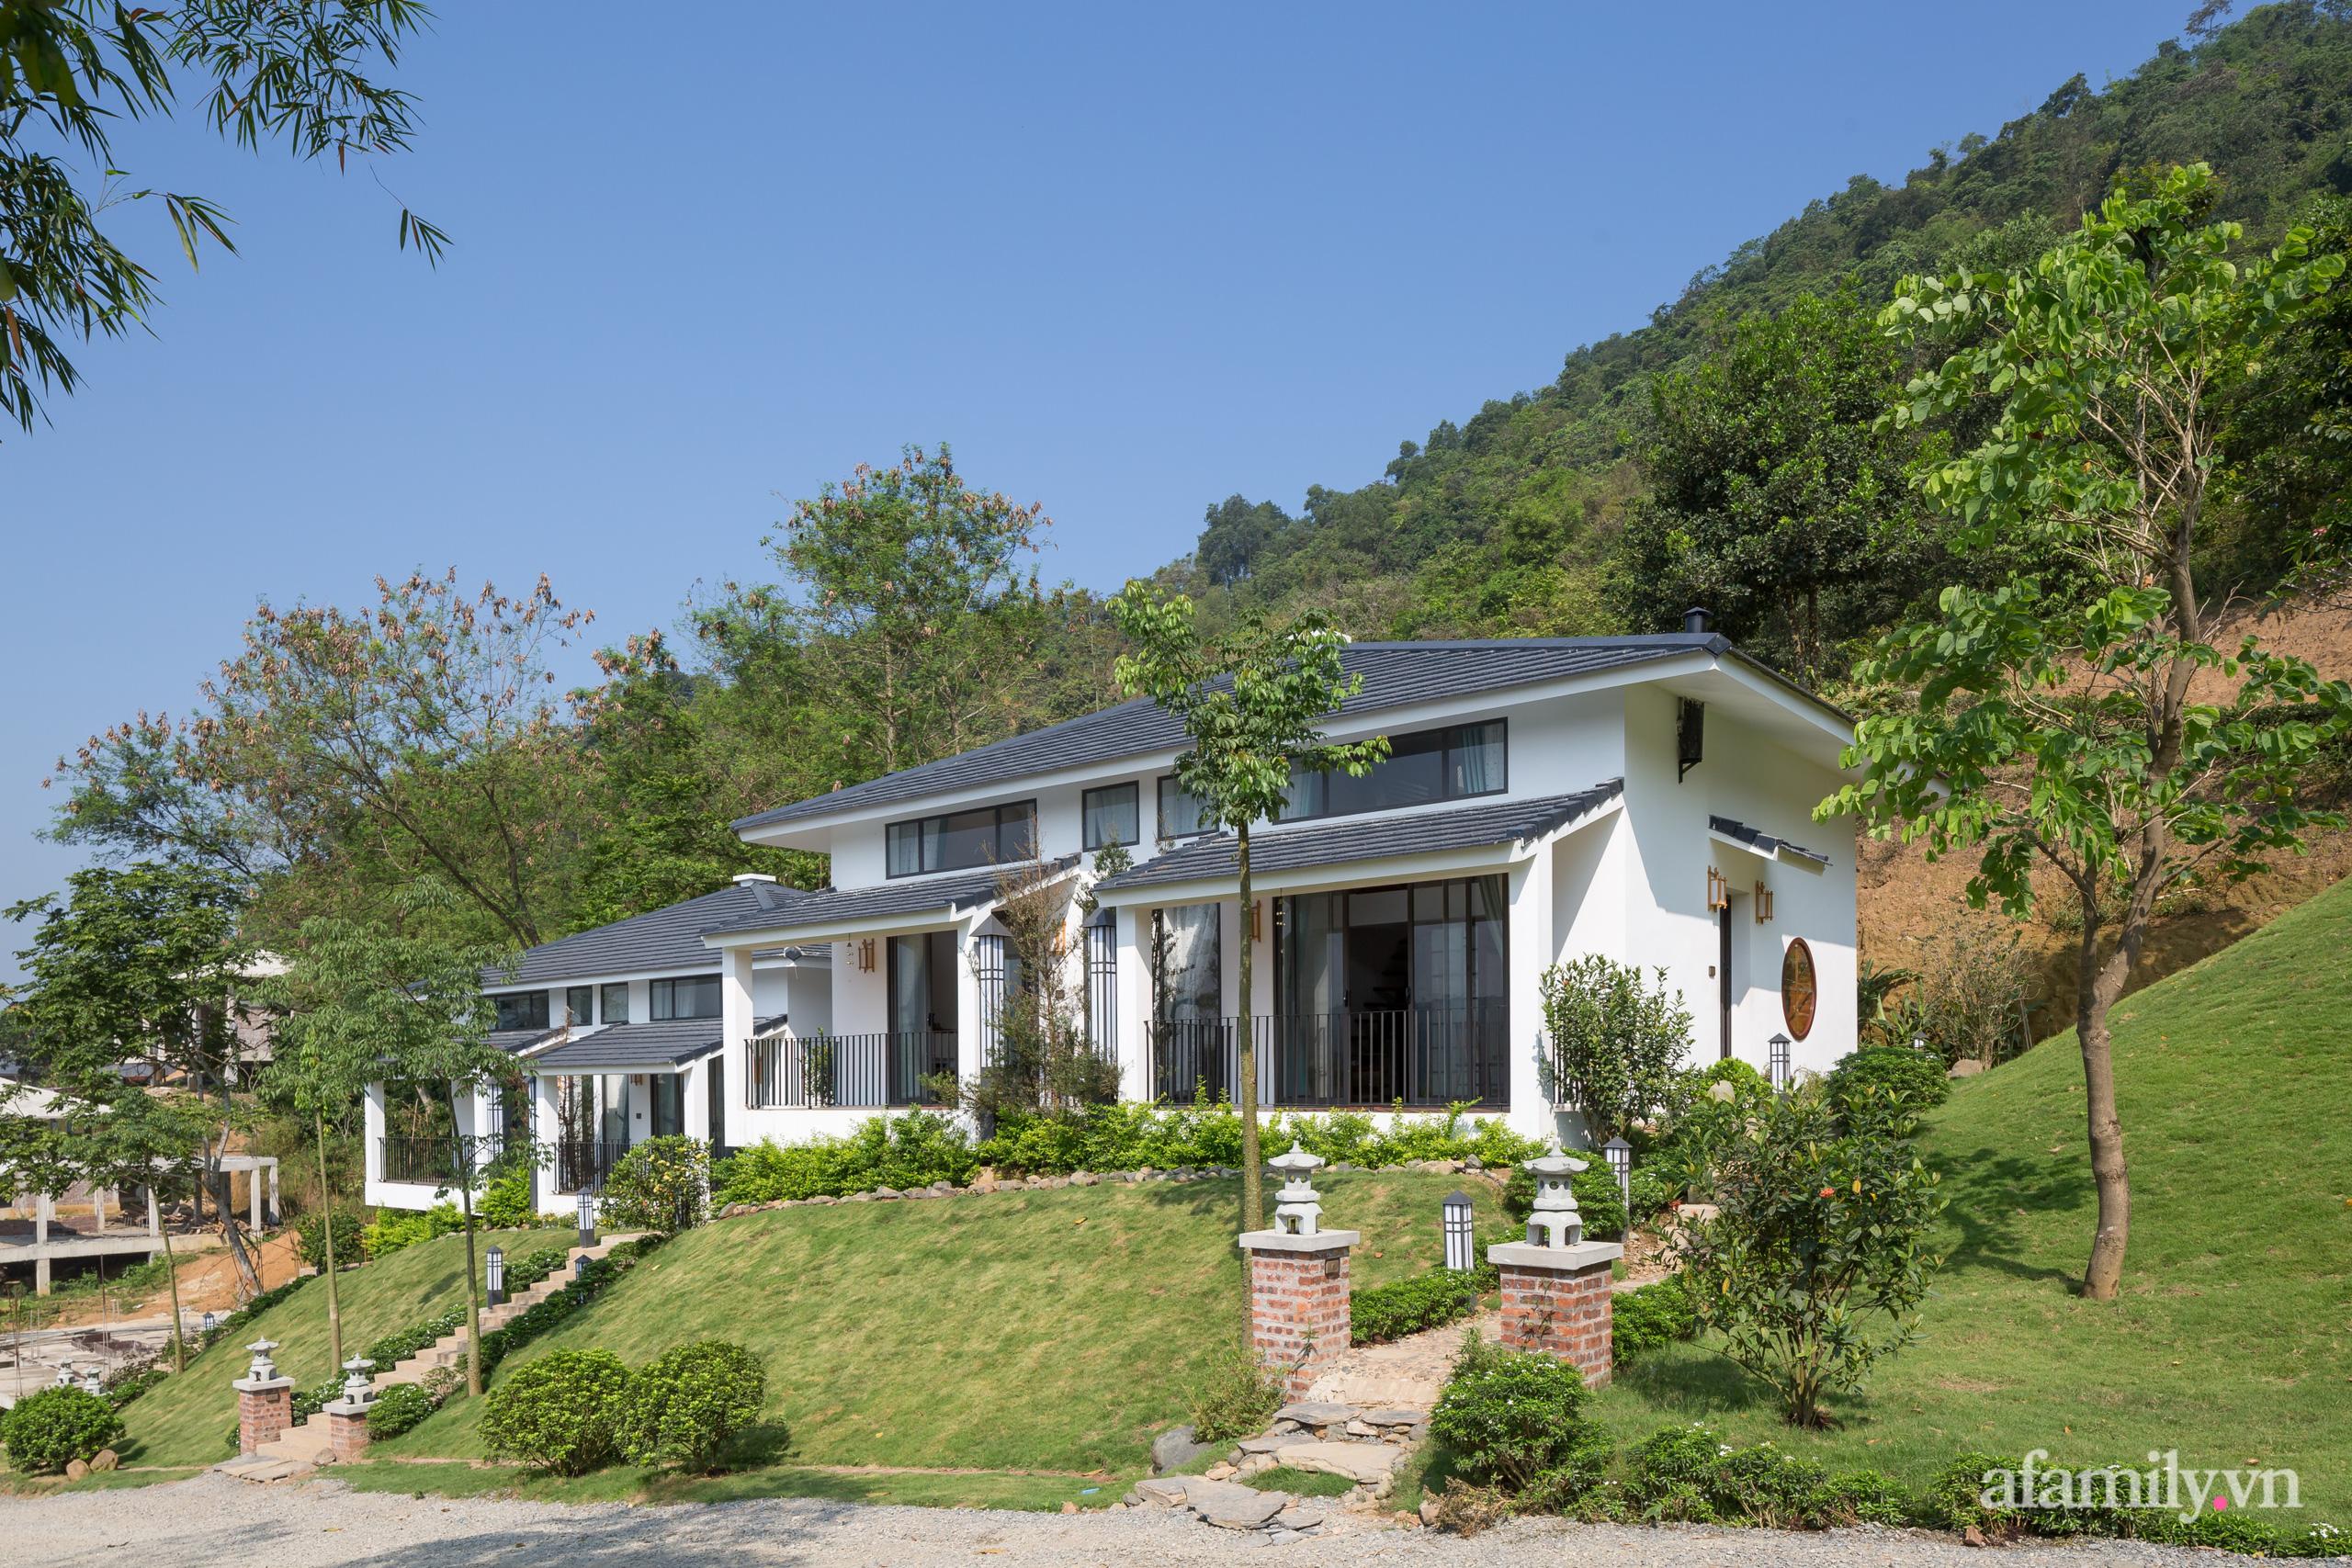 Nhà trên đồi lộng gió thoáng rộng thảnh thơi đón nắng ngập tràn ở Kỳ Sơn, Hòa Bình - Ảnh 1.